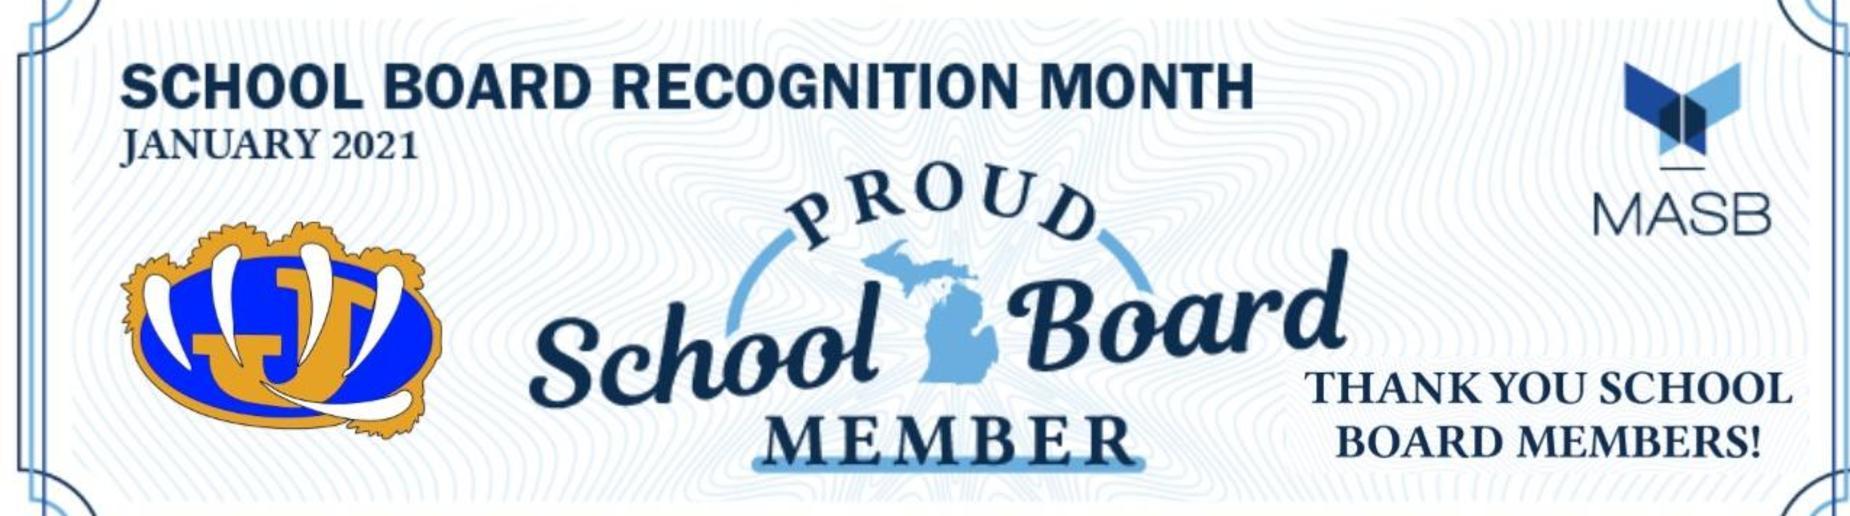 Thank you school board!